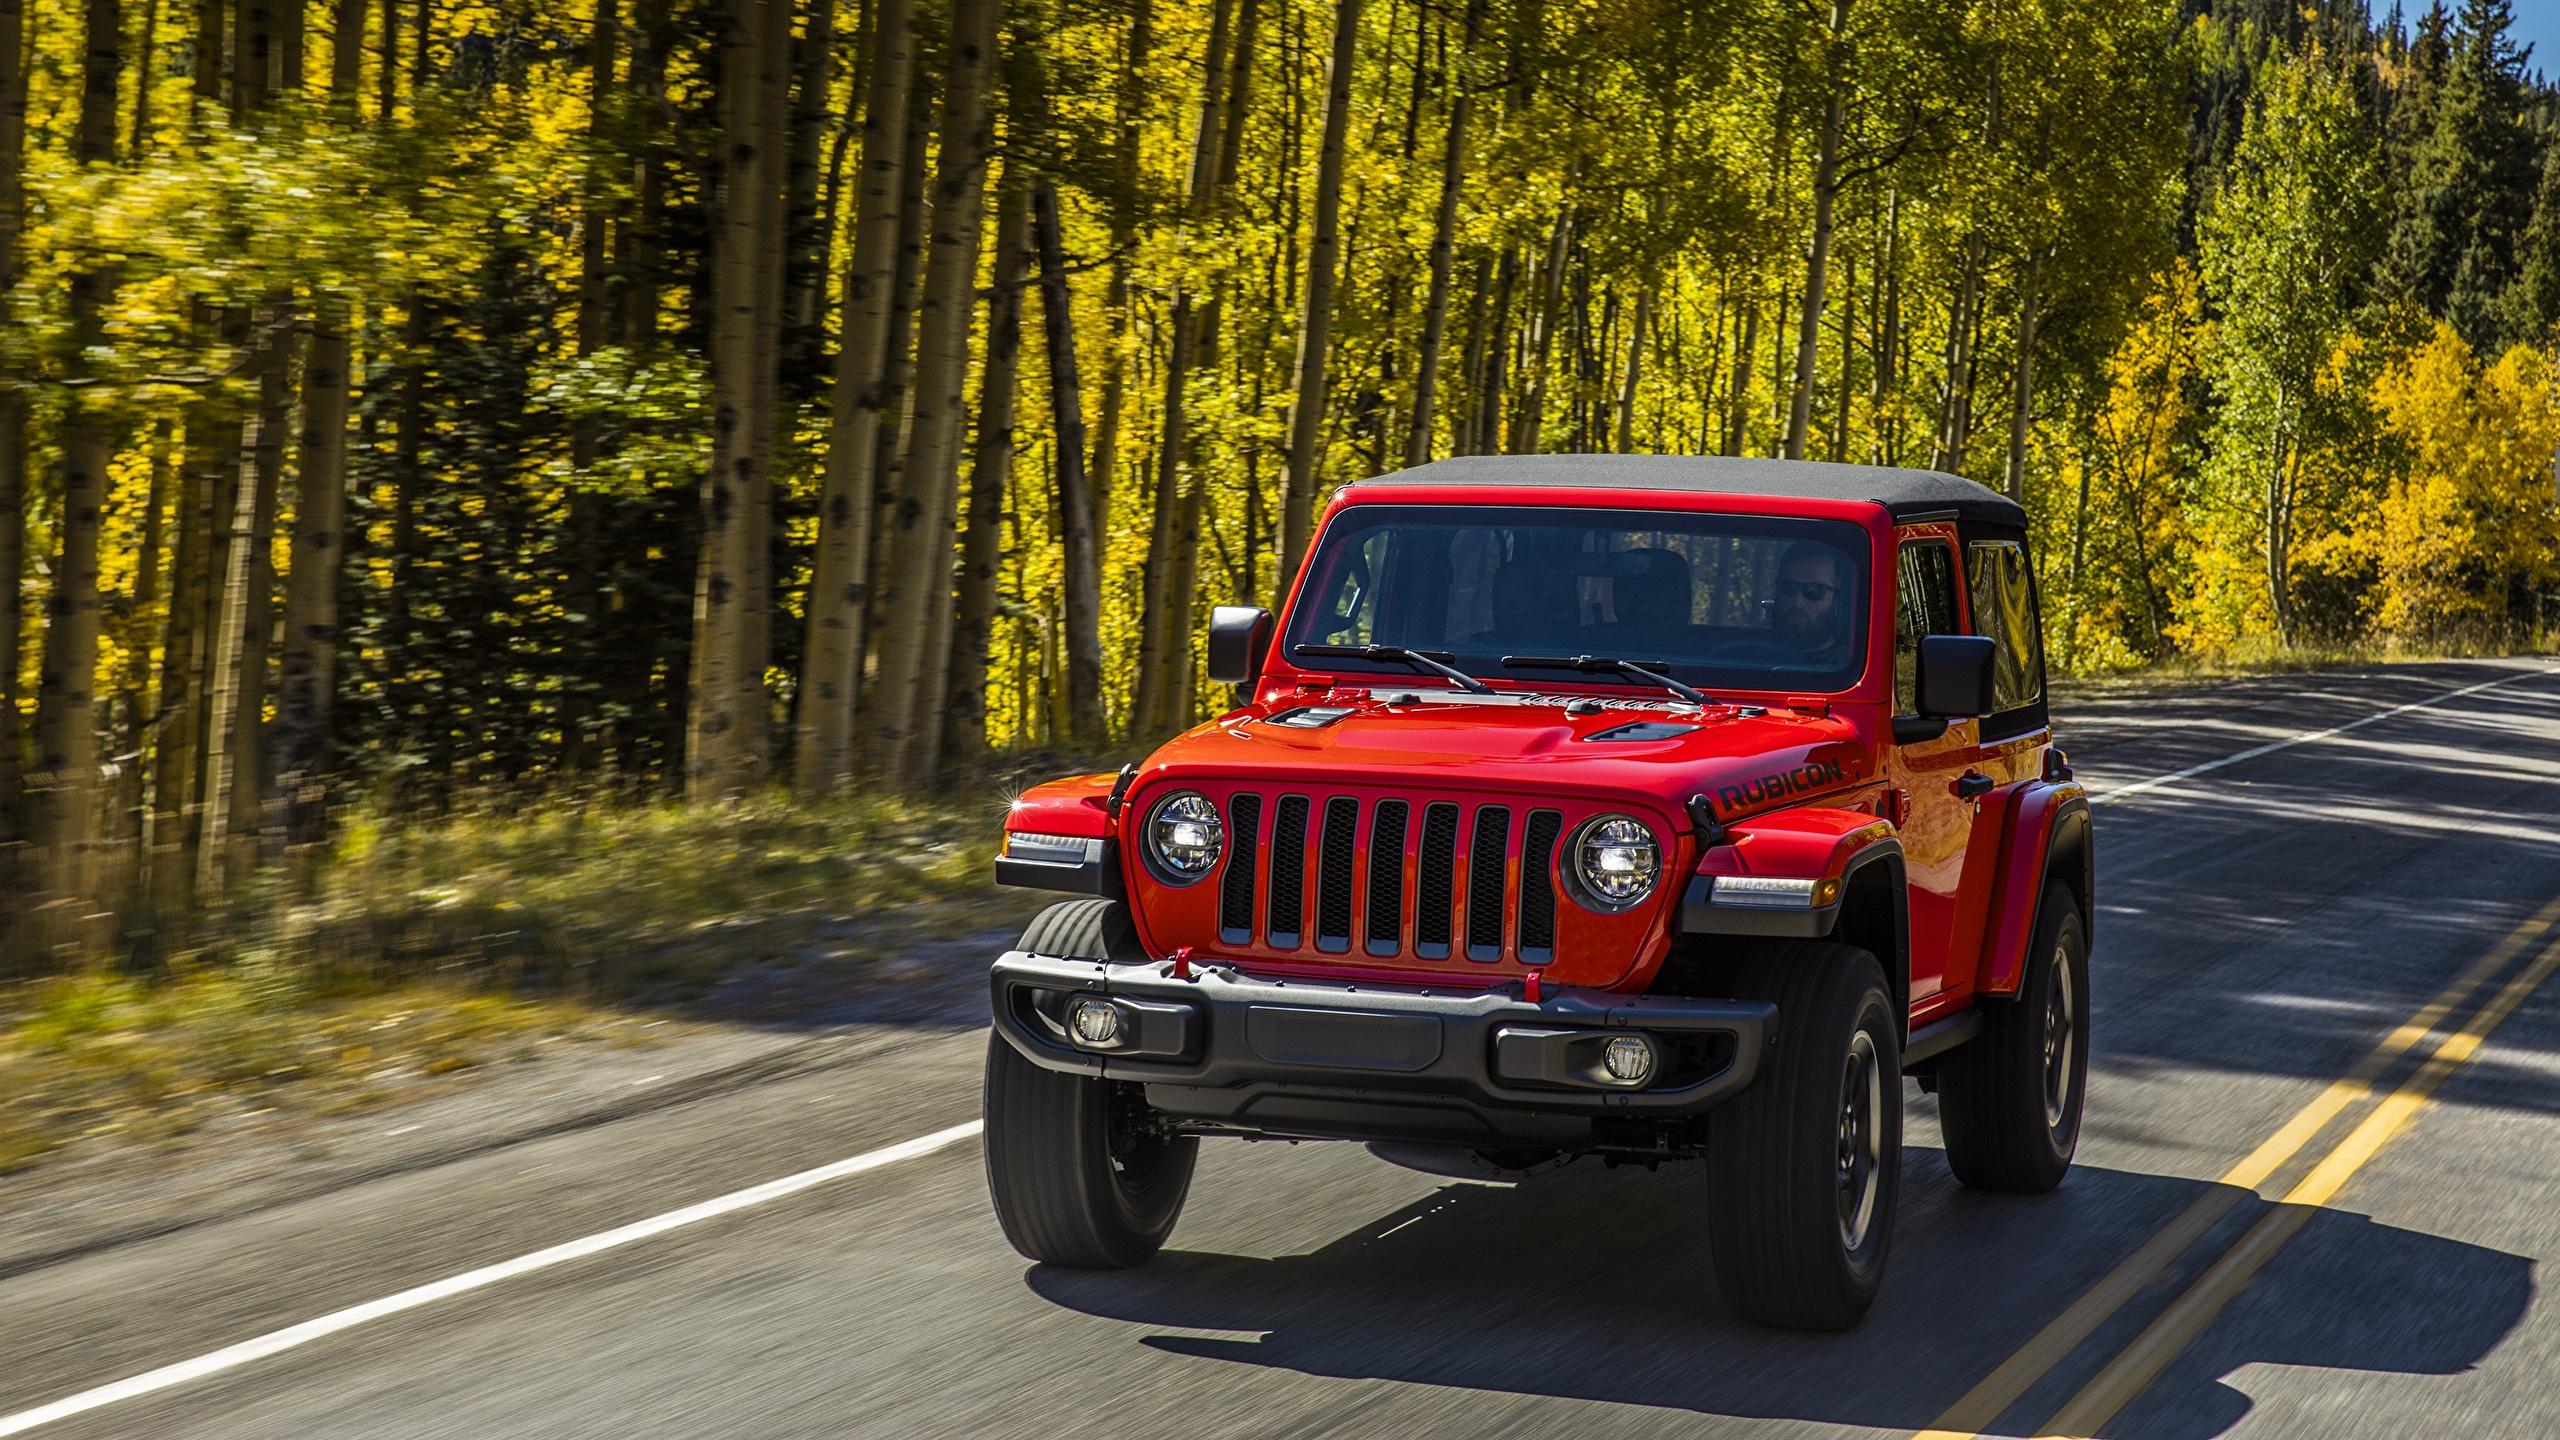 красный автомобиль джип ford sport trac red car jeep  № 3085898 бесплатно